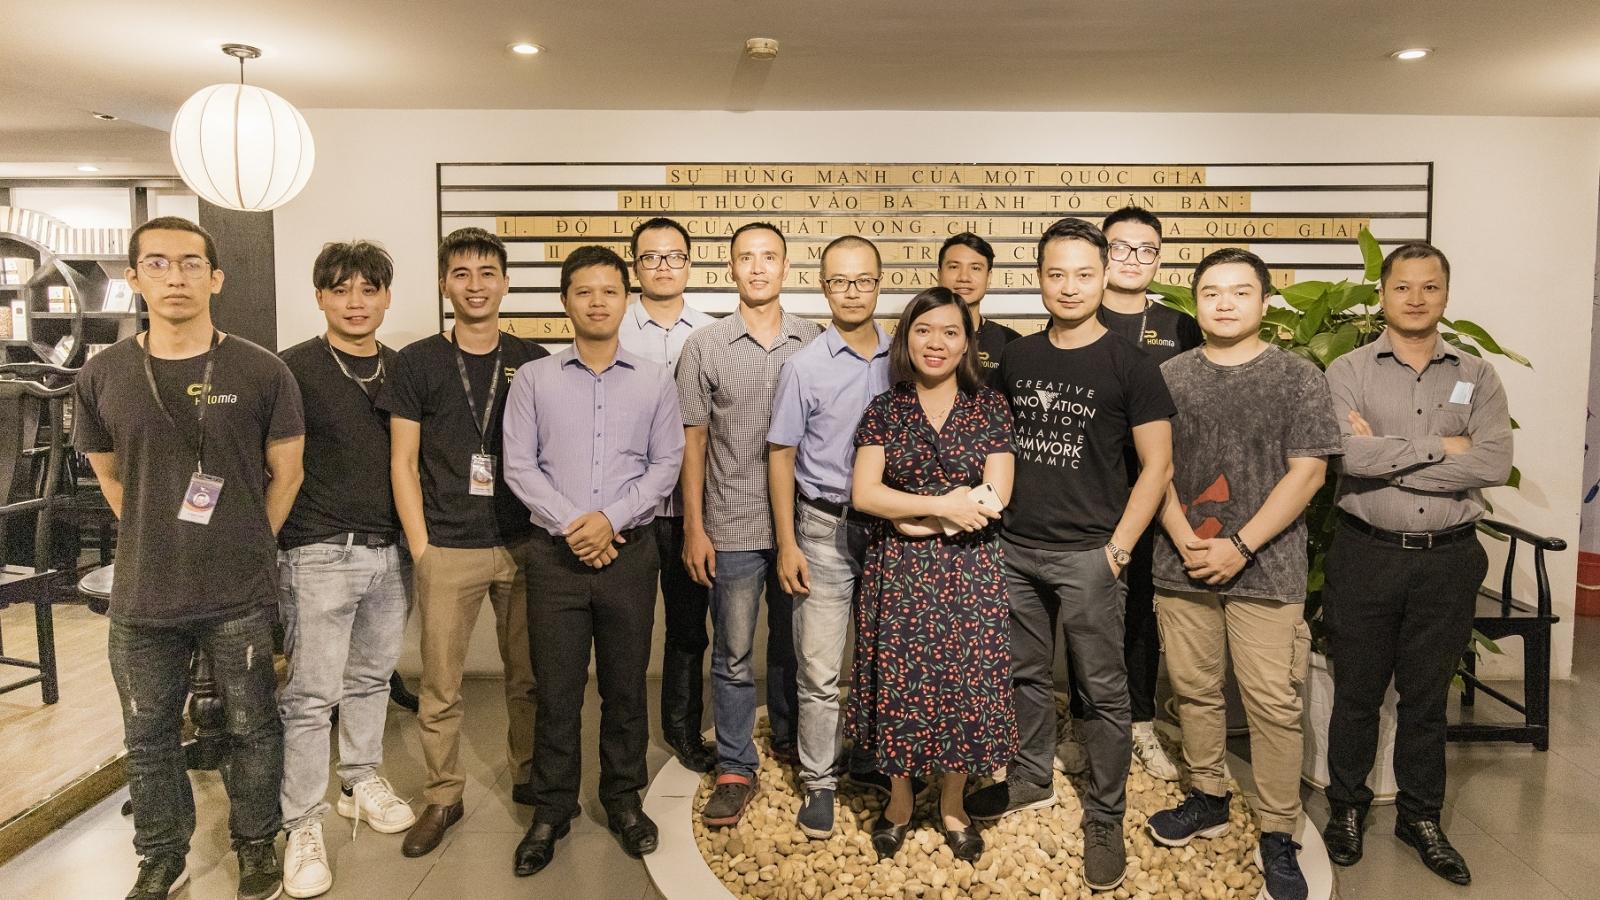 PGS.TS Trần Trọng Dương và giấc mơ đưa di sản đến tương lai